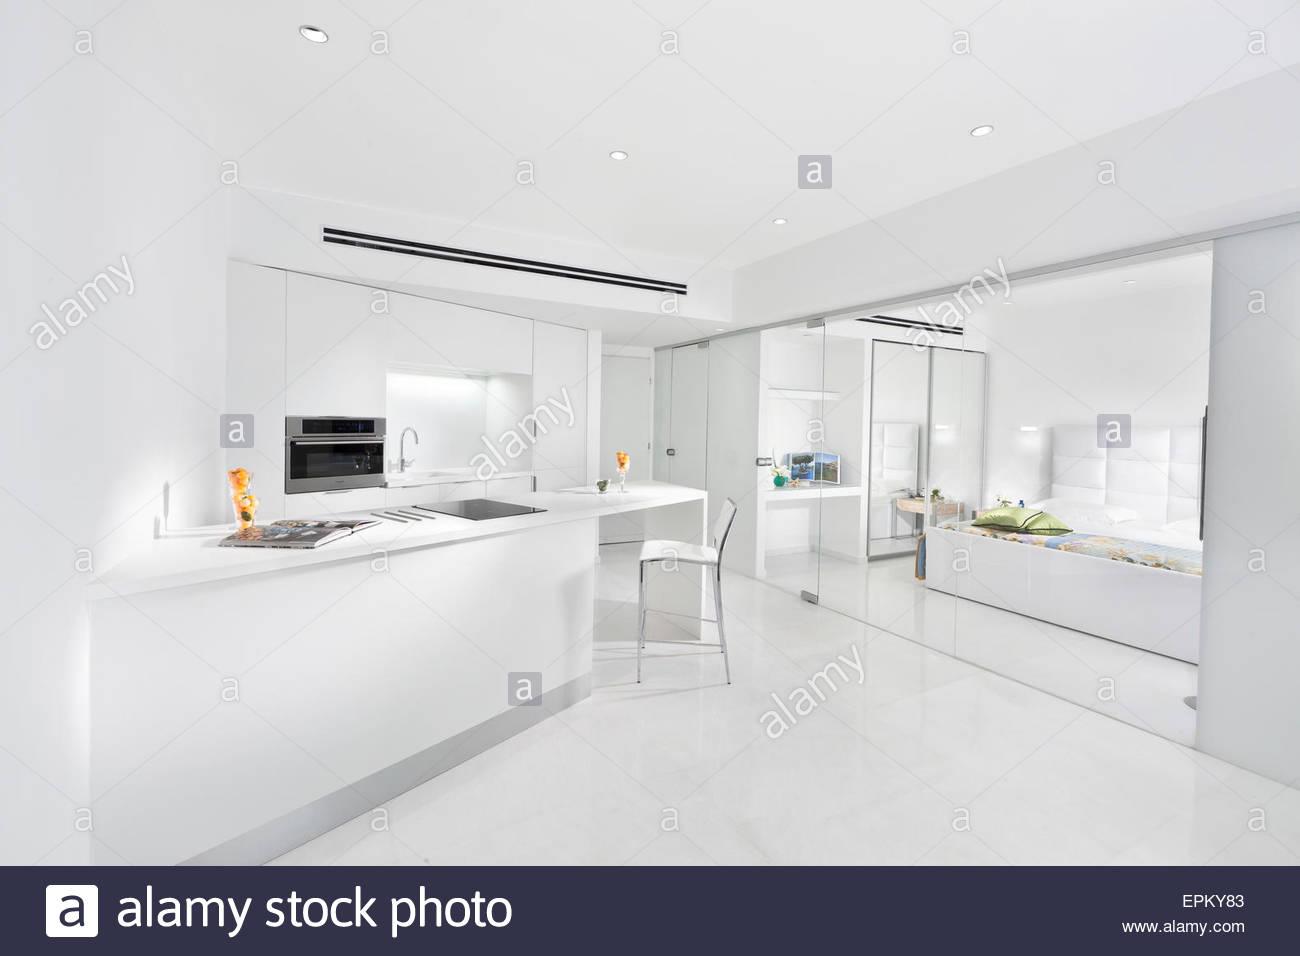 Credenza Con Porte Scorrevoli : Cucina bianca con porte di vetro scorrevoli che conduce alla camera